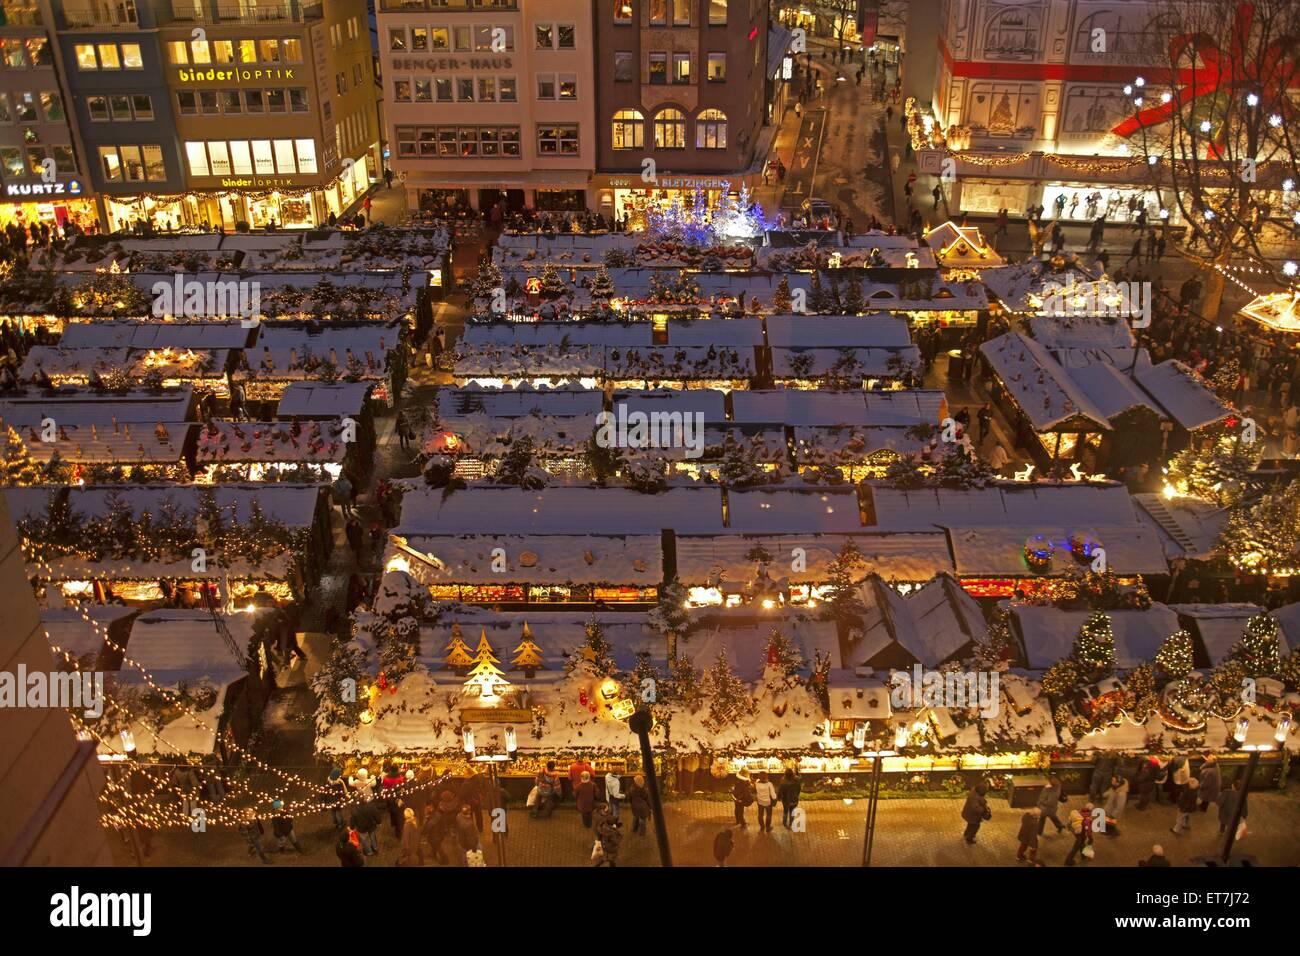 Stuttgart Weihnachtsmarkt.Blick Von Oben Auf Den Stuttgarter Weihnachtsmarkt Bin Abend